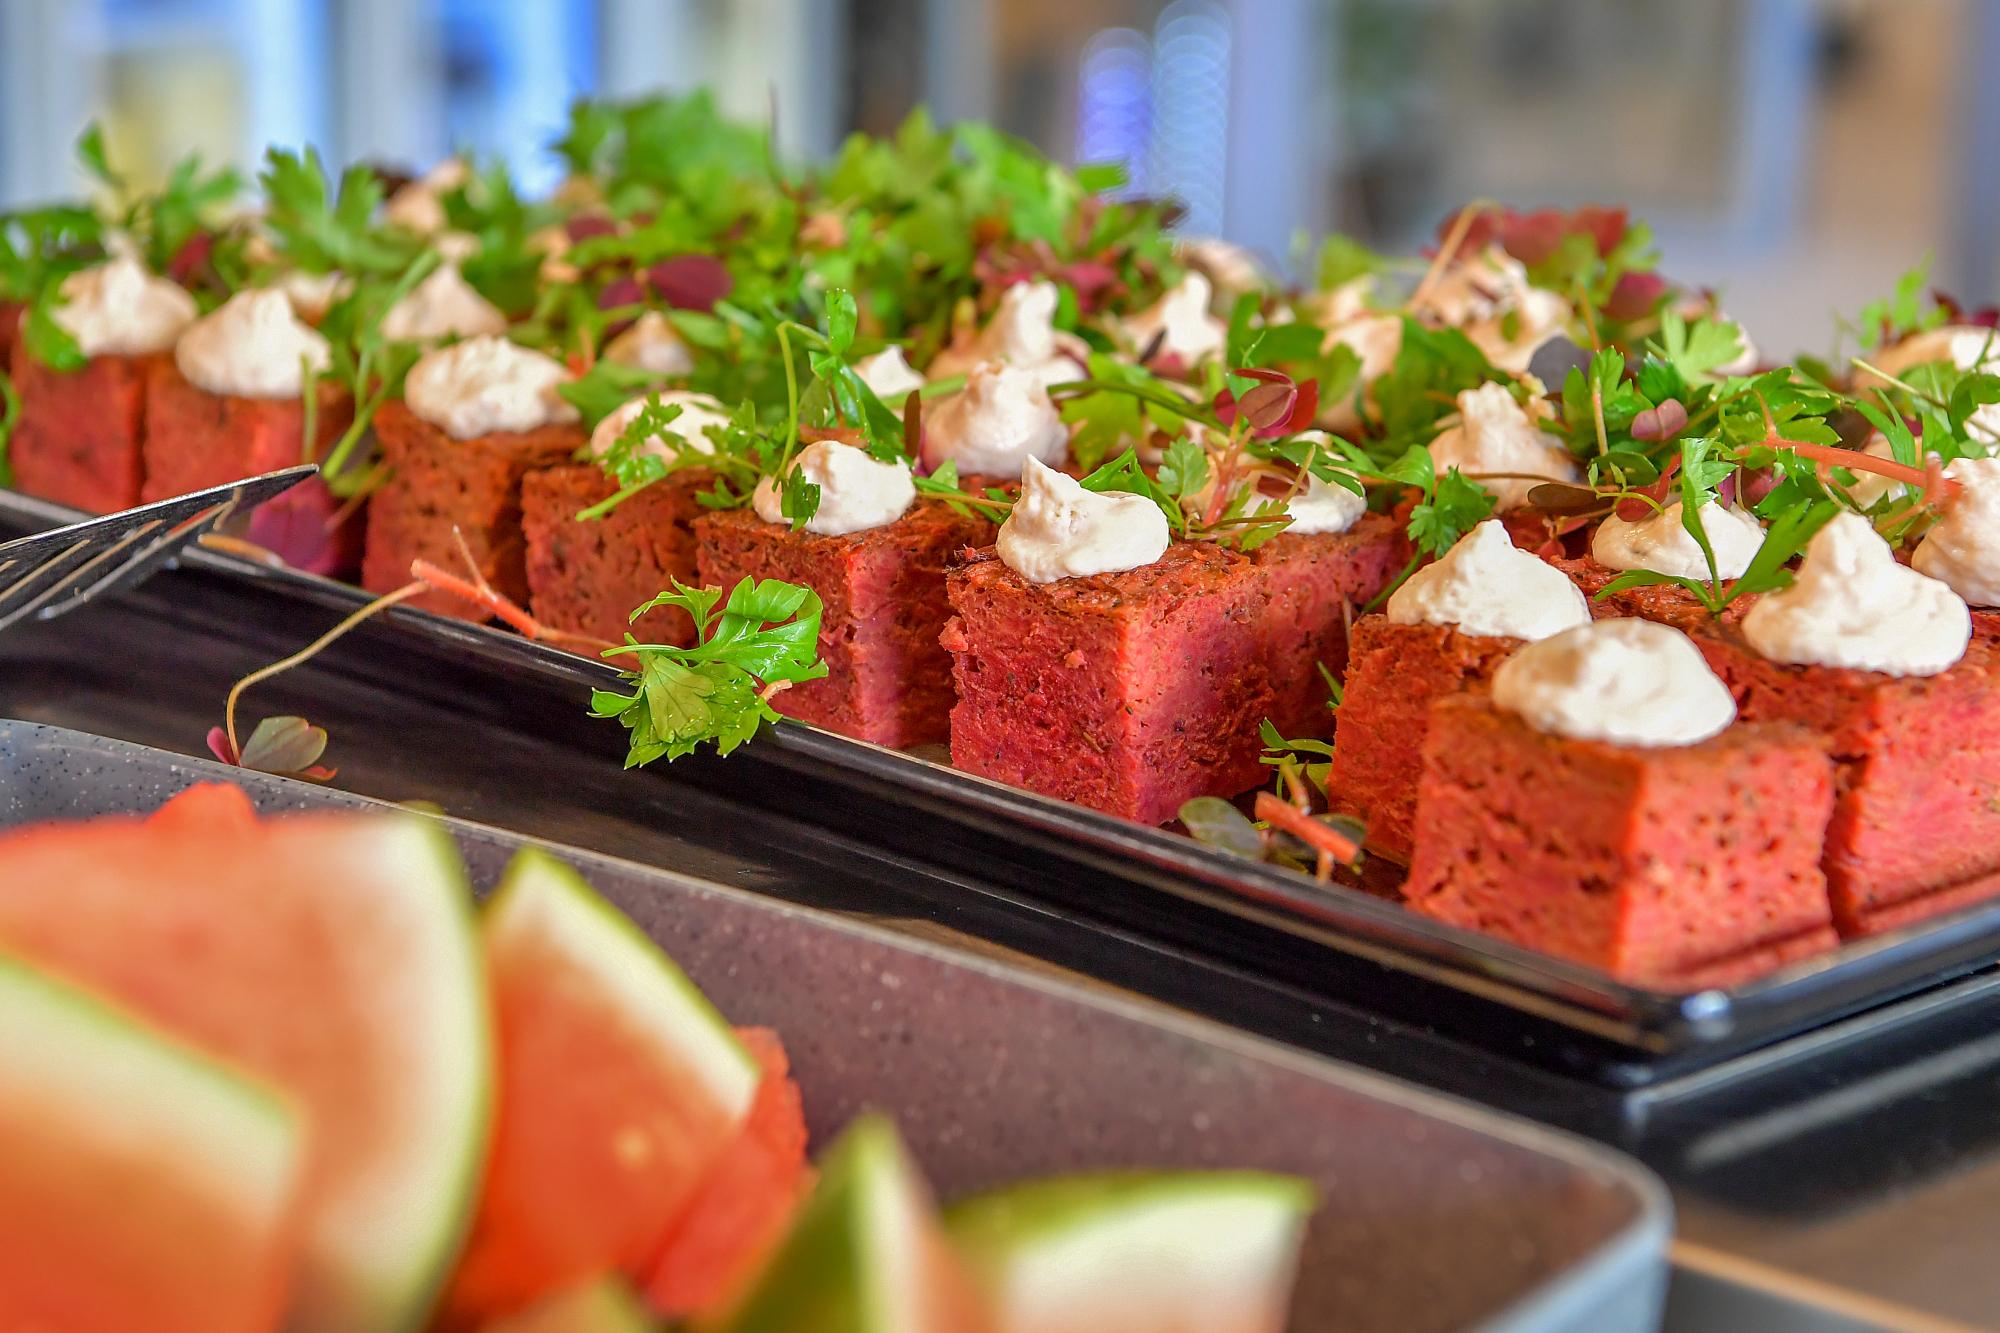 Udvalget af mad er udvidet siden tiden i Nørregade. Arkivfoto: Jesper Thomasen